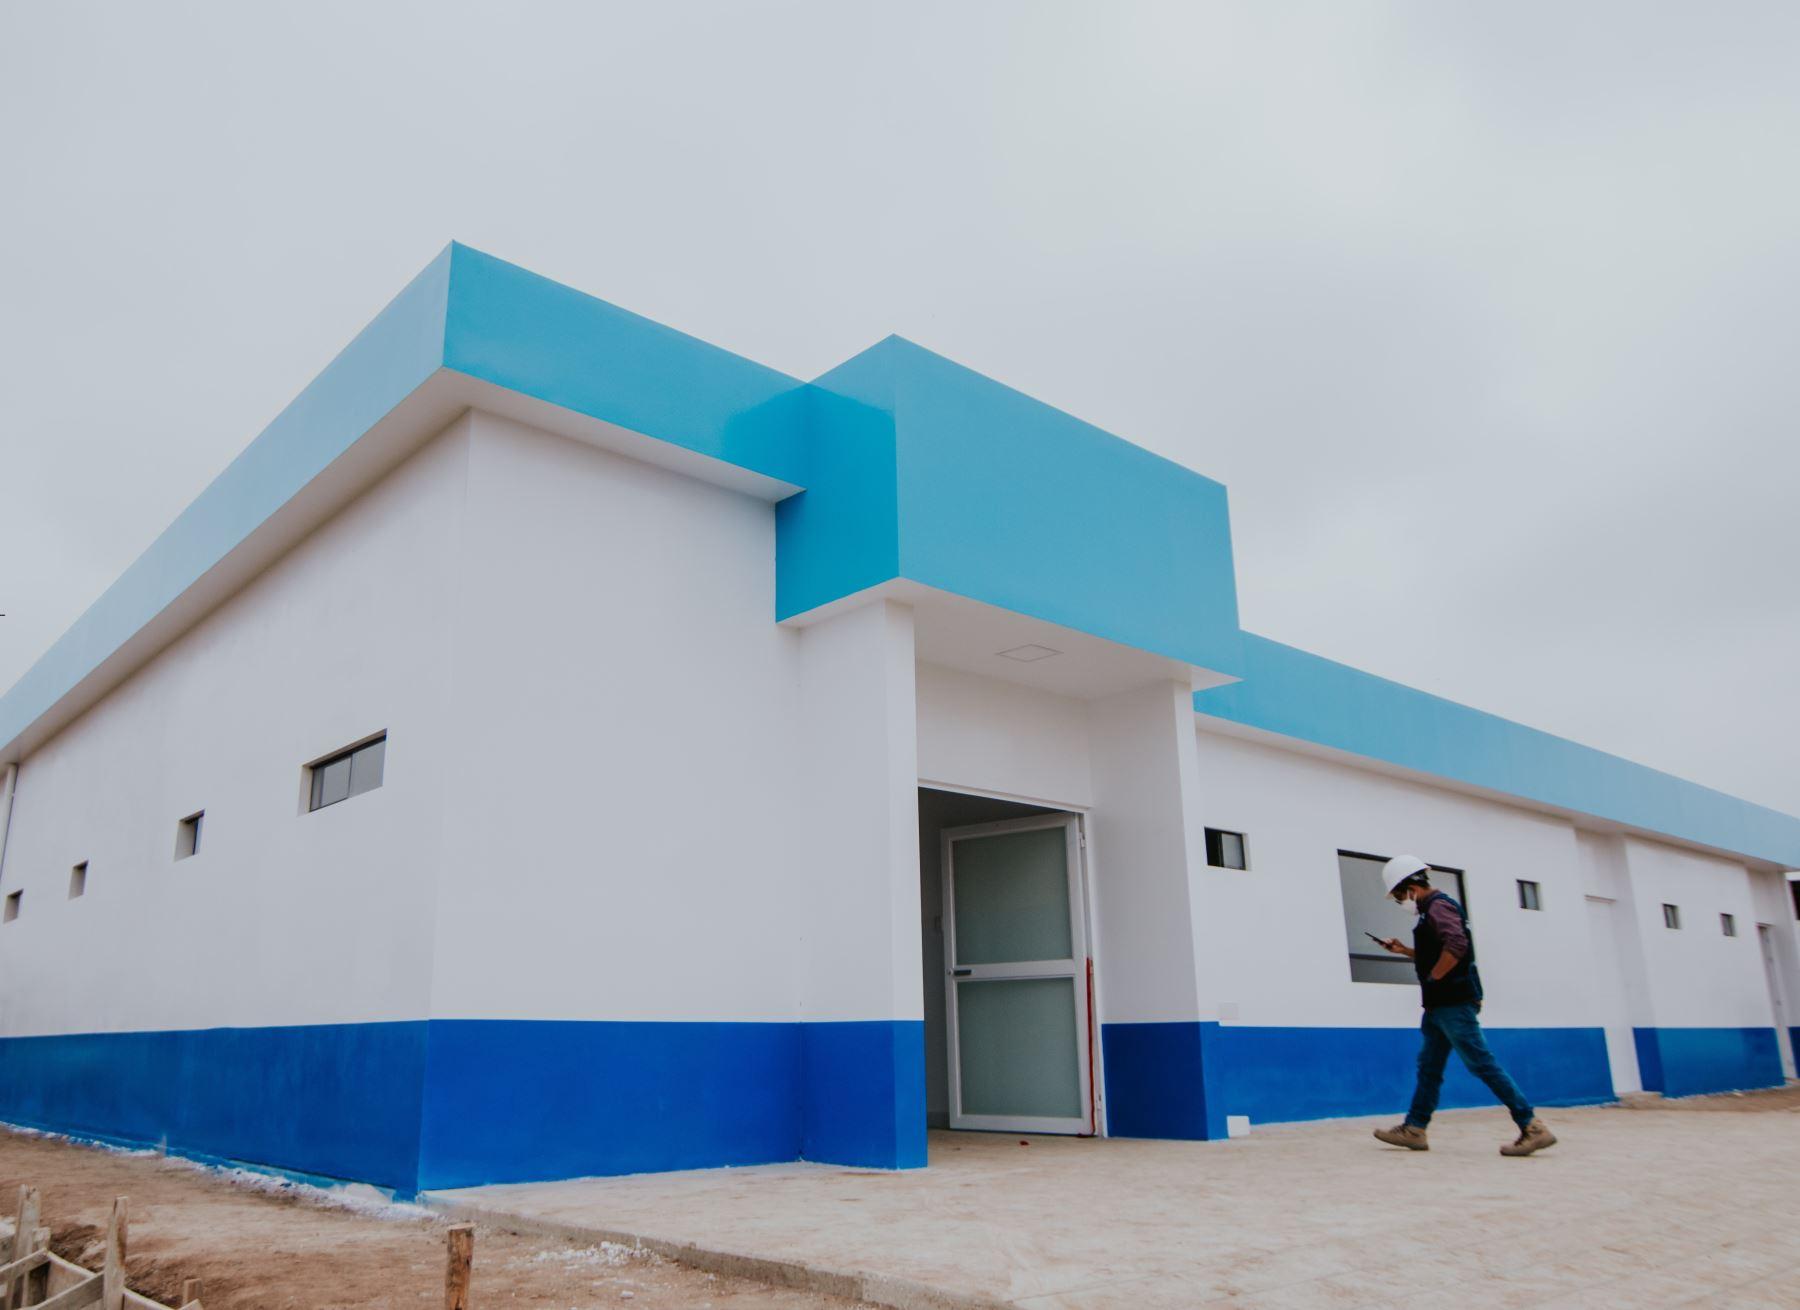 Empresarios agroindustriales de Virú, región La Libertad, implementaron un hospital temporal covid-19 en dicha provincia y lo entregaron a las autoridades de salud para la atención de pacientes afectados por el coronavirus. ANDINA/Difusión